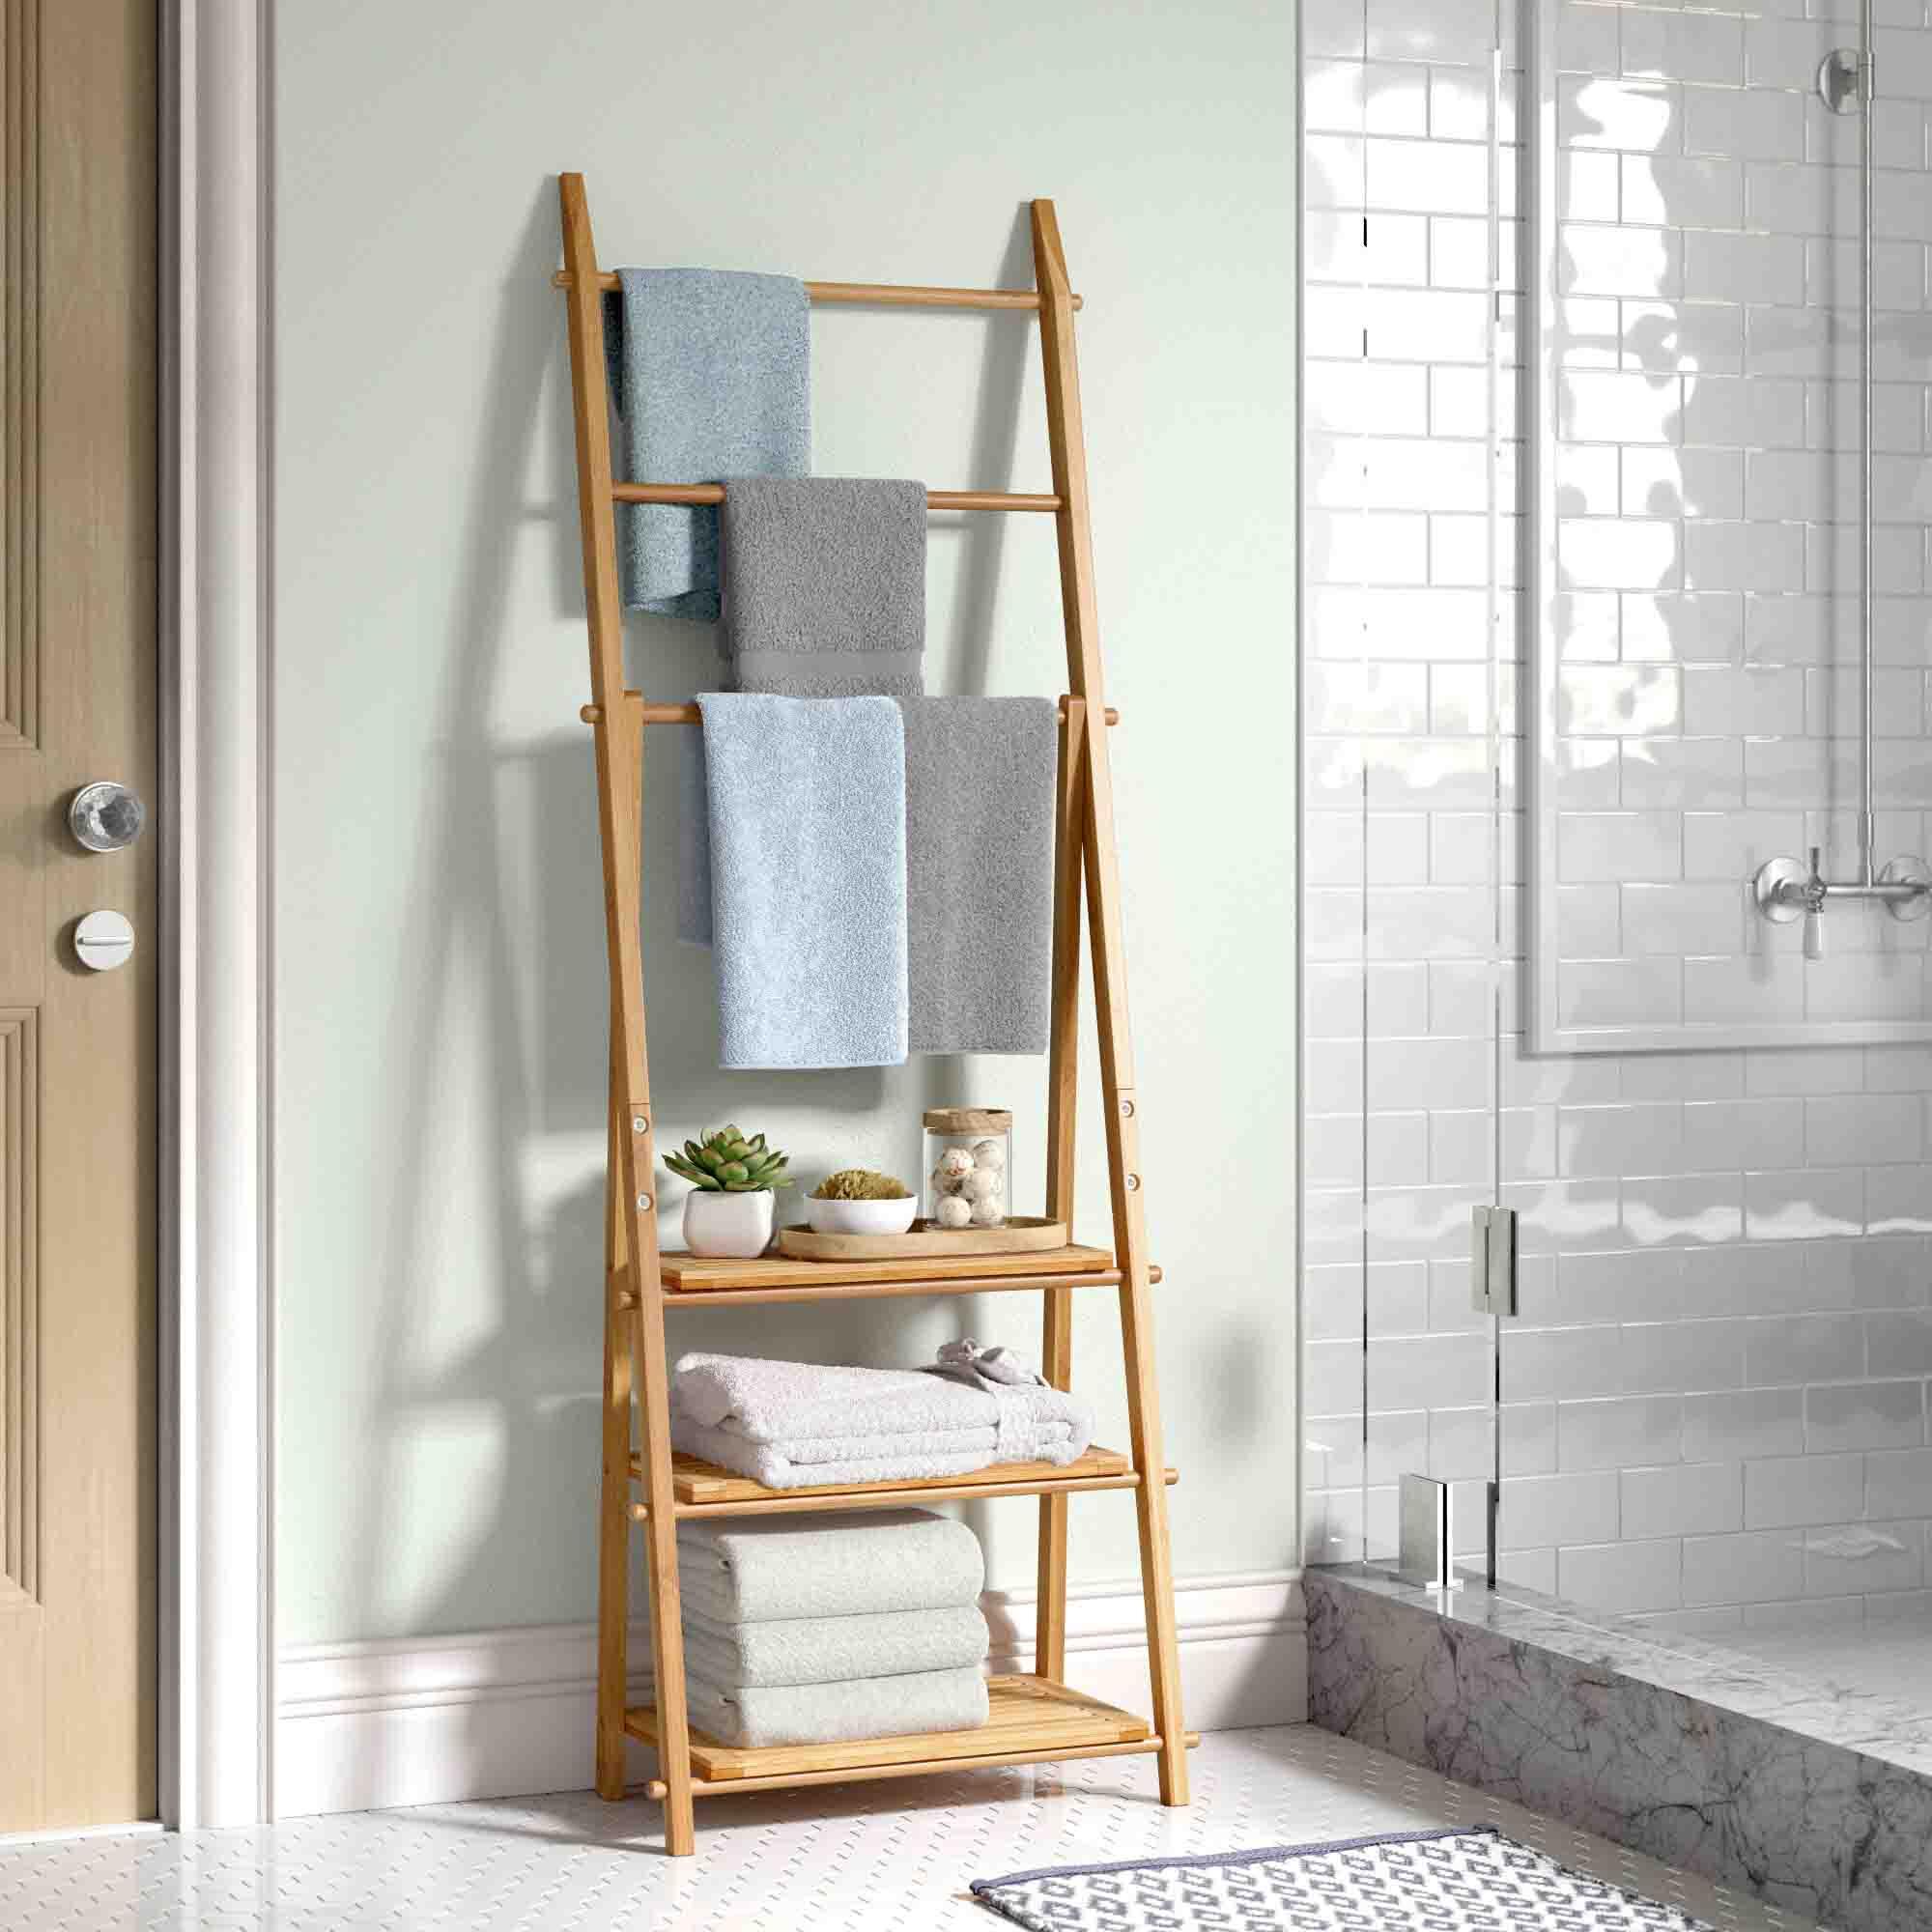 تزیین دیوار دستشویی و حمام با استند نردبانی که روی آن حوله و گلدان چیده شده است